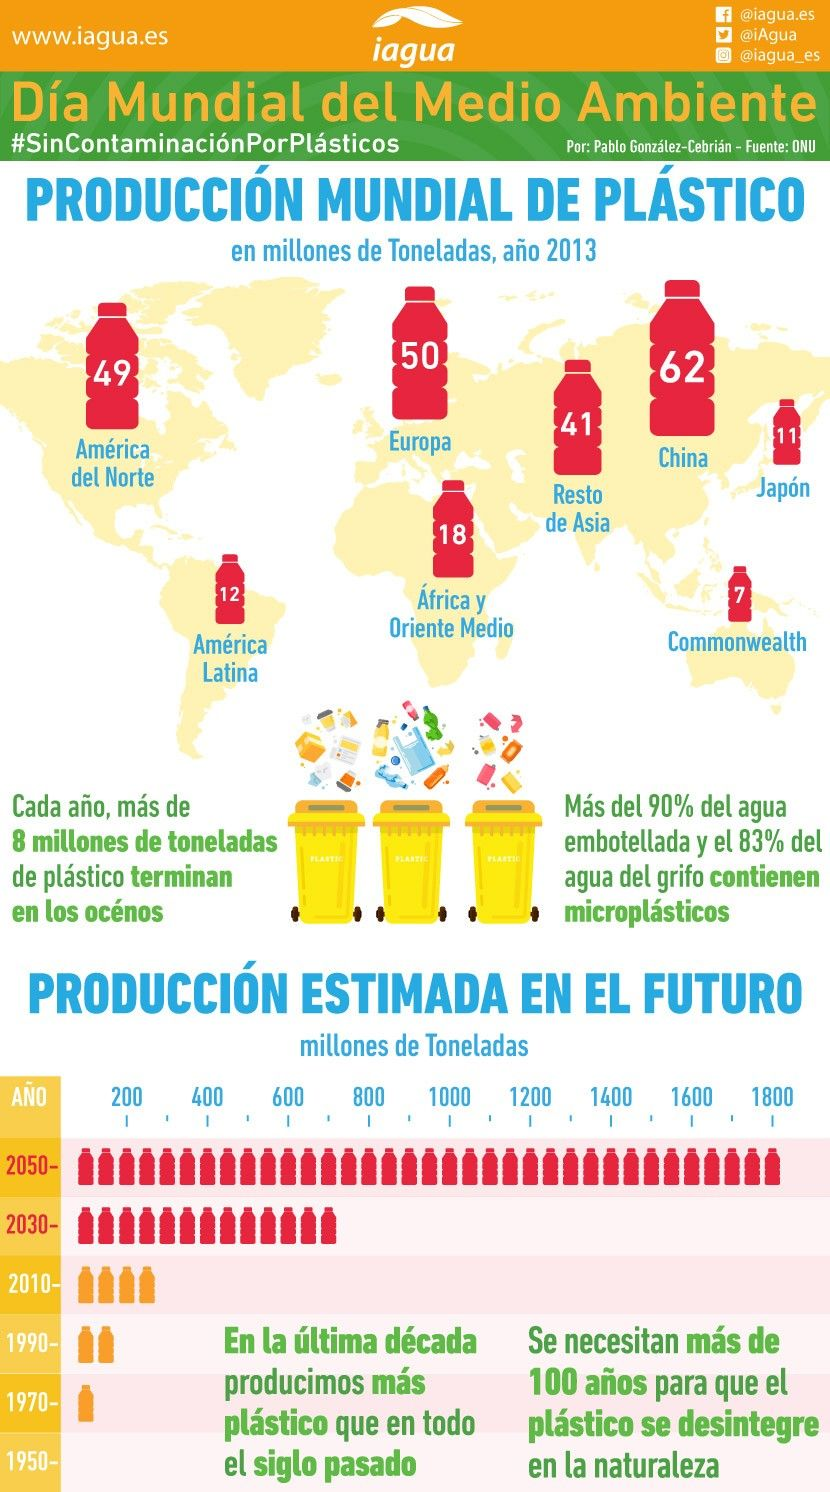 Día Mundial del Medio Ambiente: Producción mundial de plástico (Infografía)